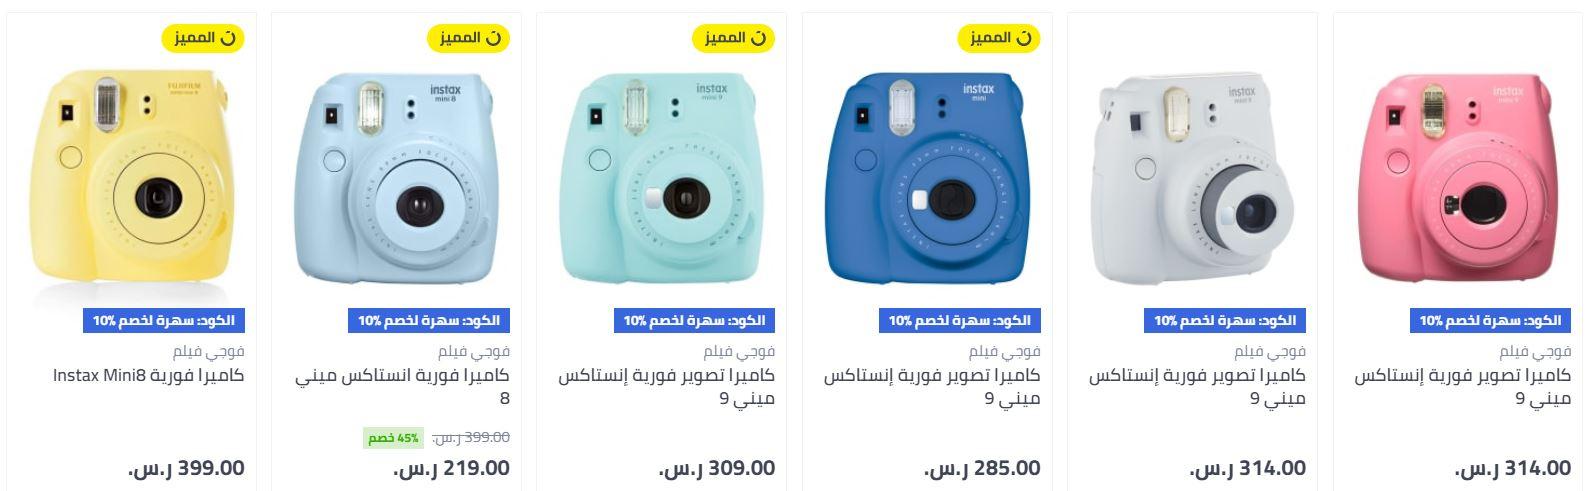 كاميرات فورية